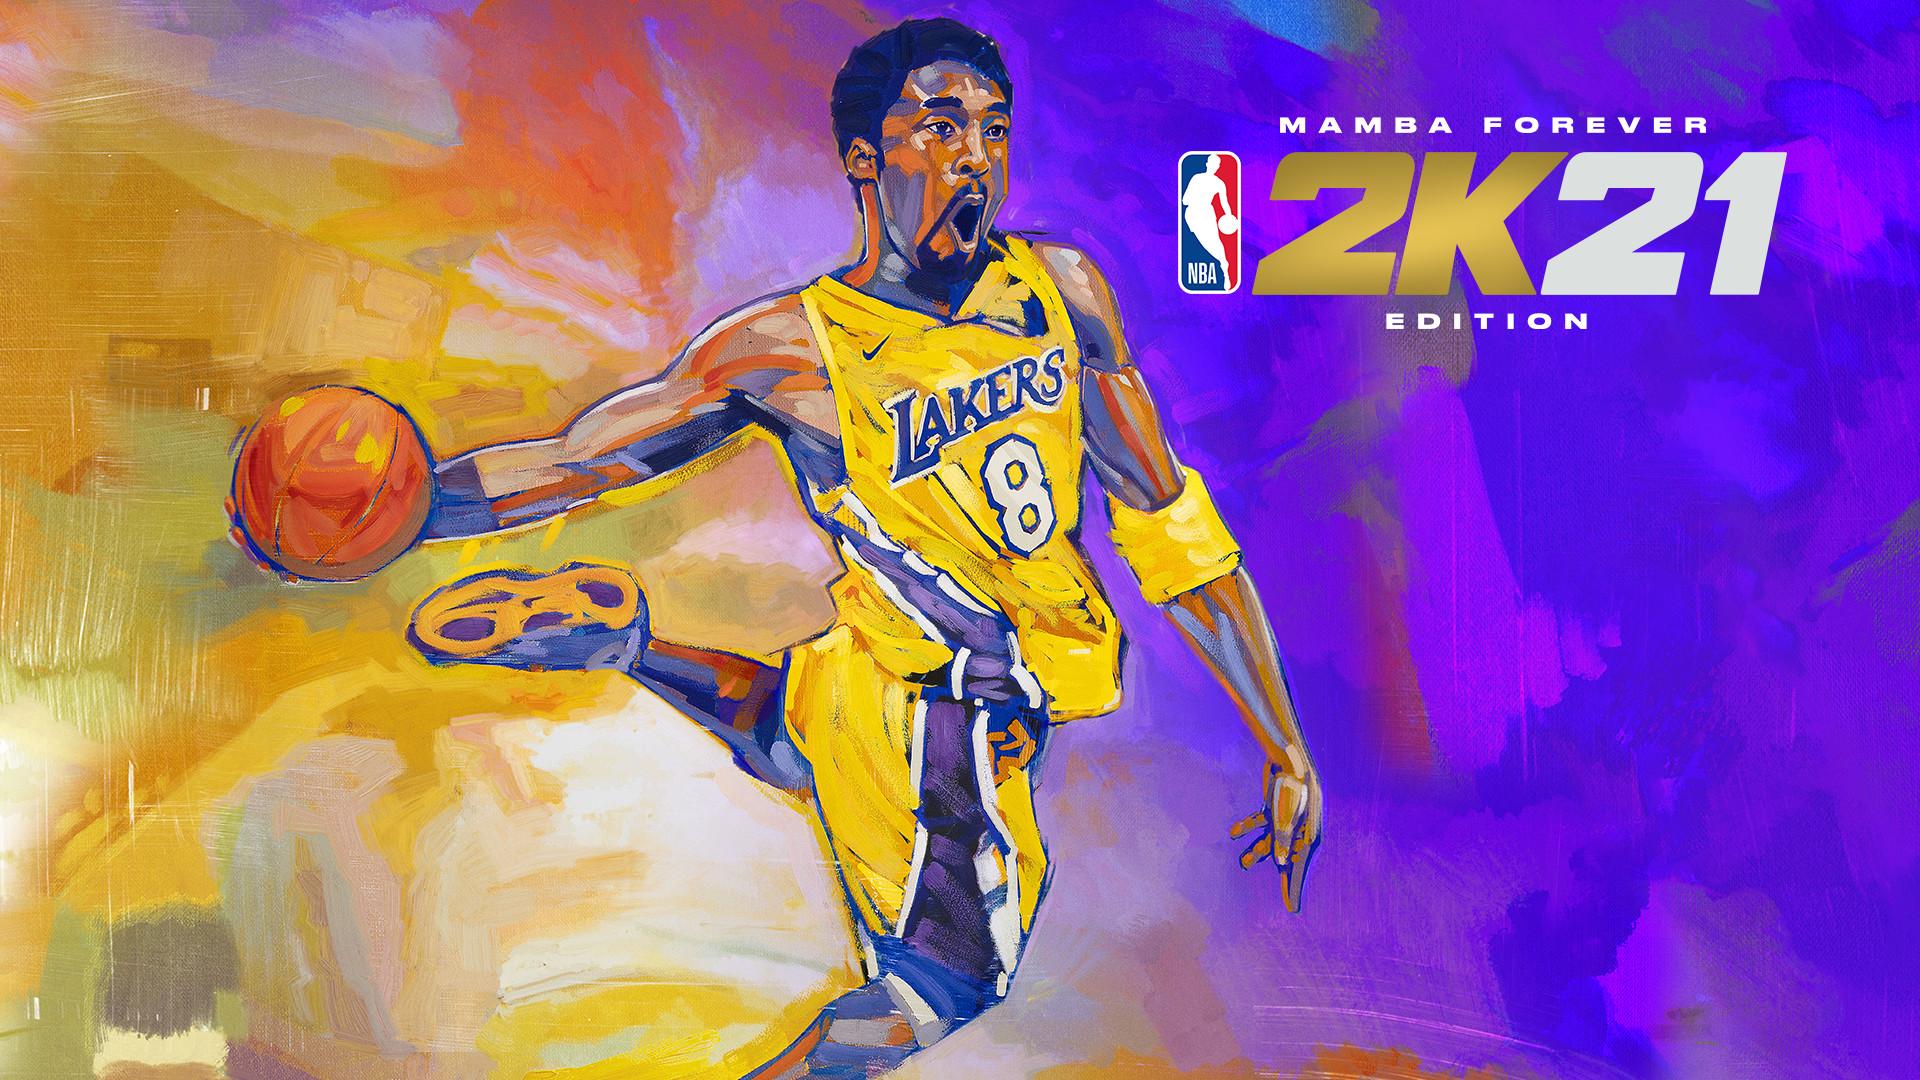 《NBA 2K21》Steam预购开启 曼巴永恒版售价489元